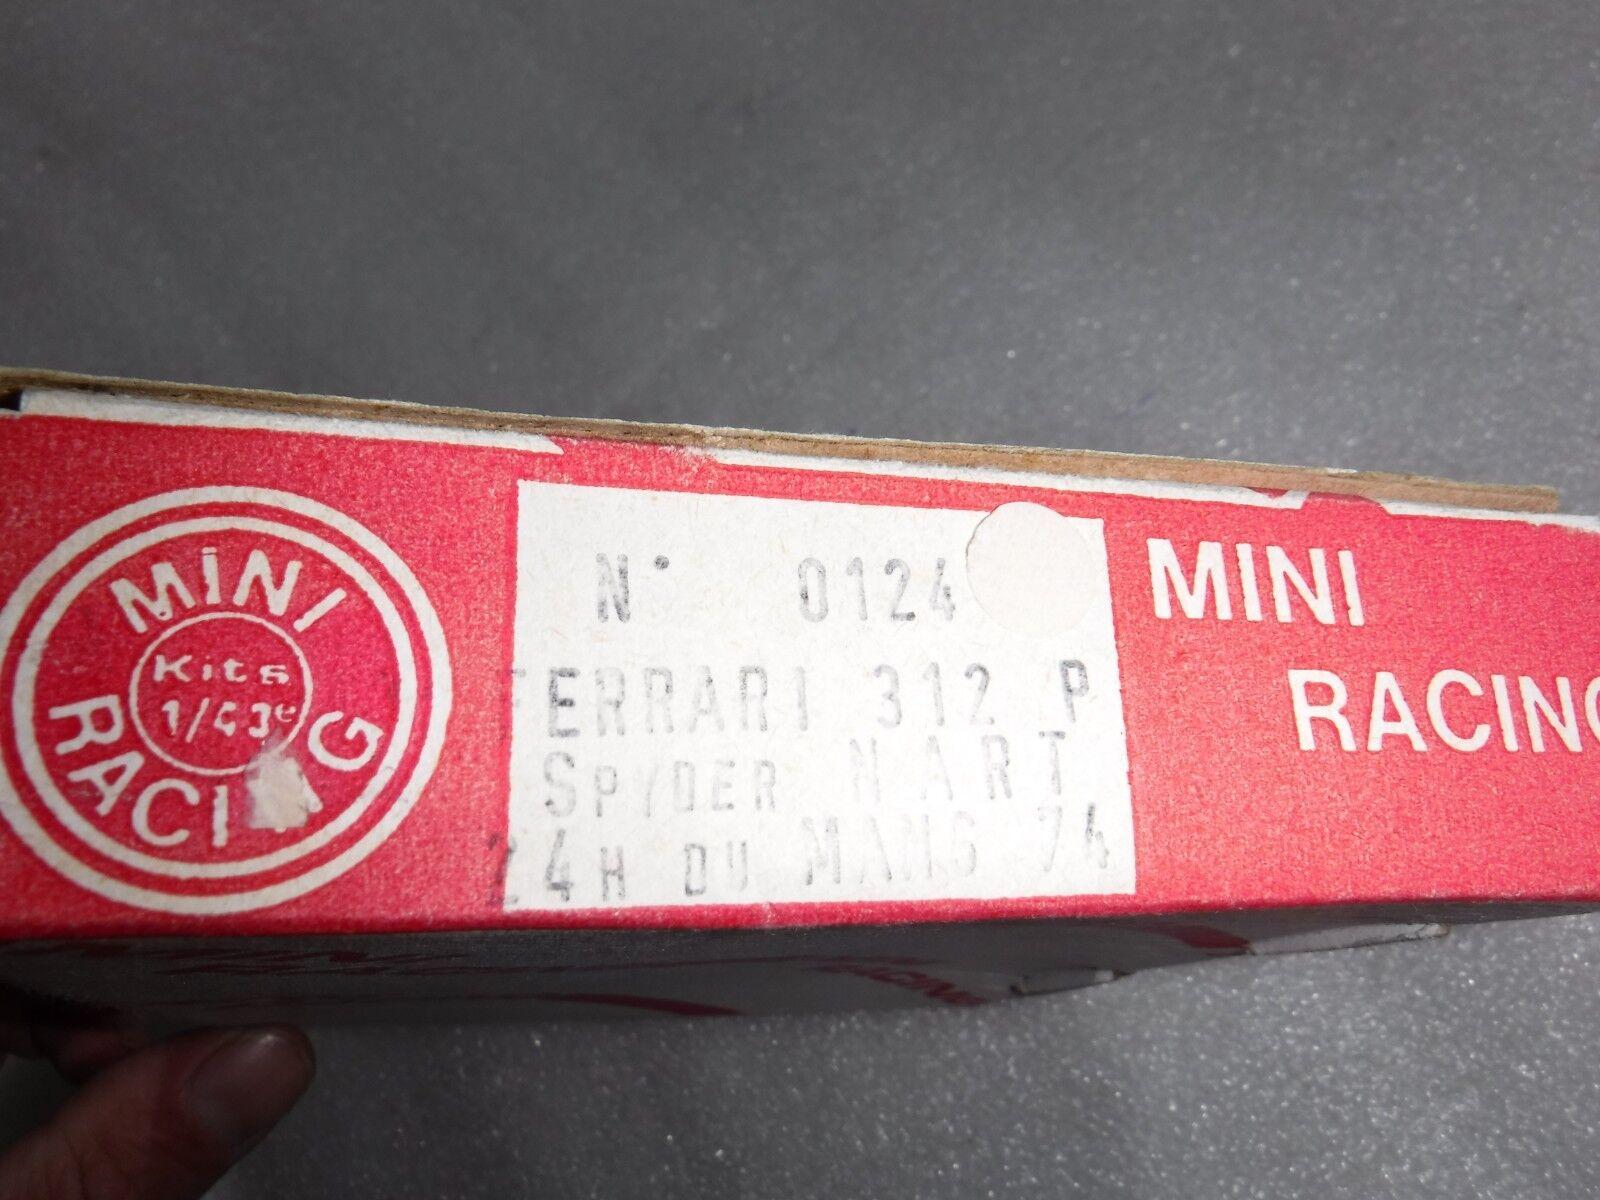 Vintage Mini Racing No 0124  Metal Build Build Build Kit Ferrari 312P Spyder Nart 74  Boxed e42961